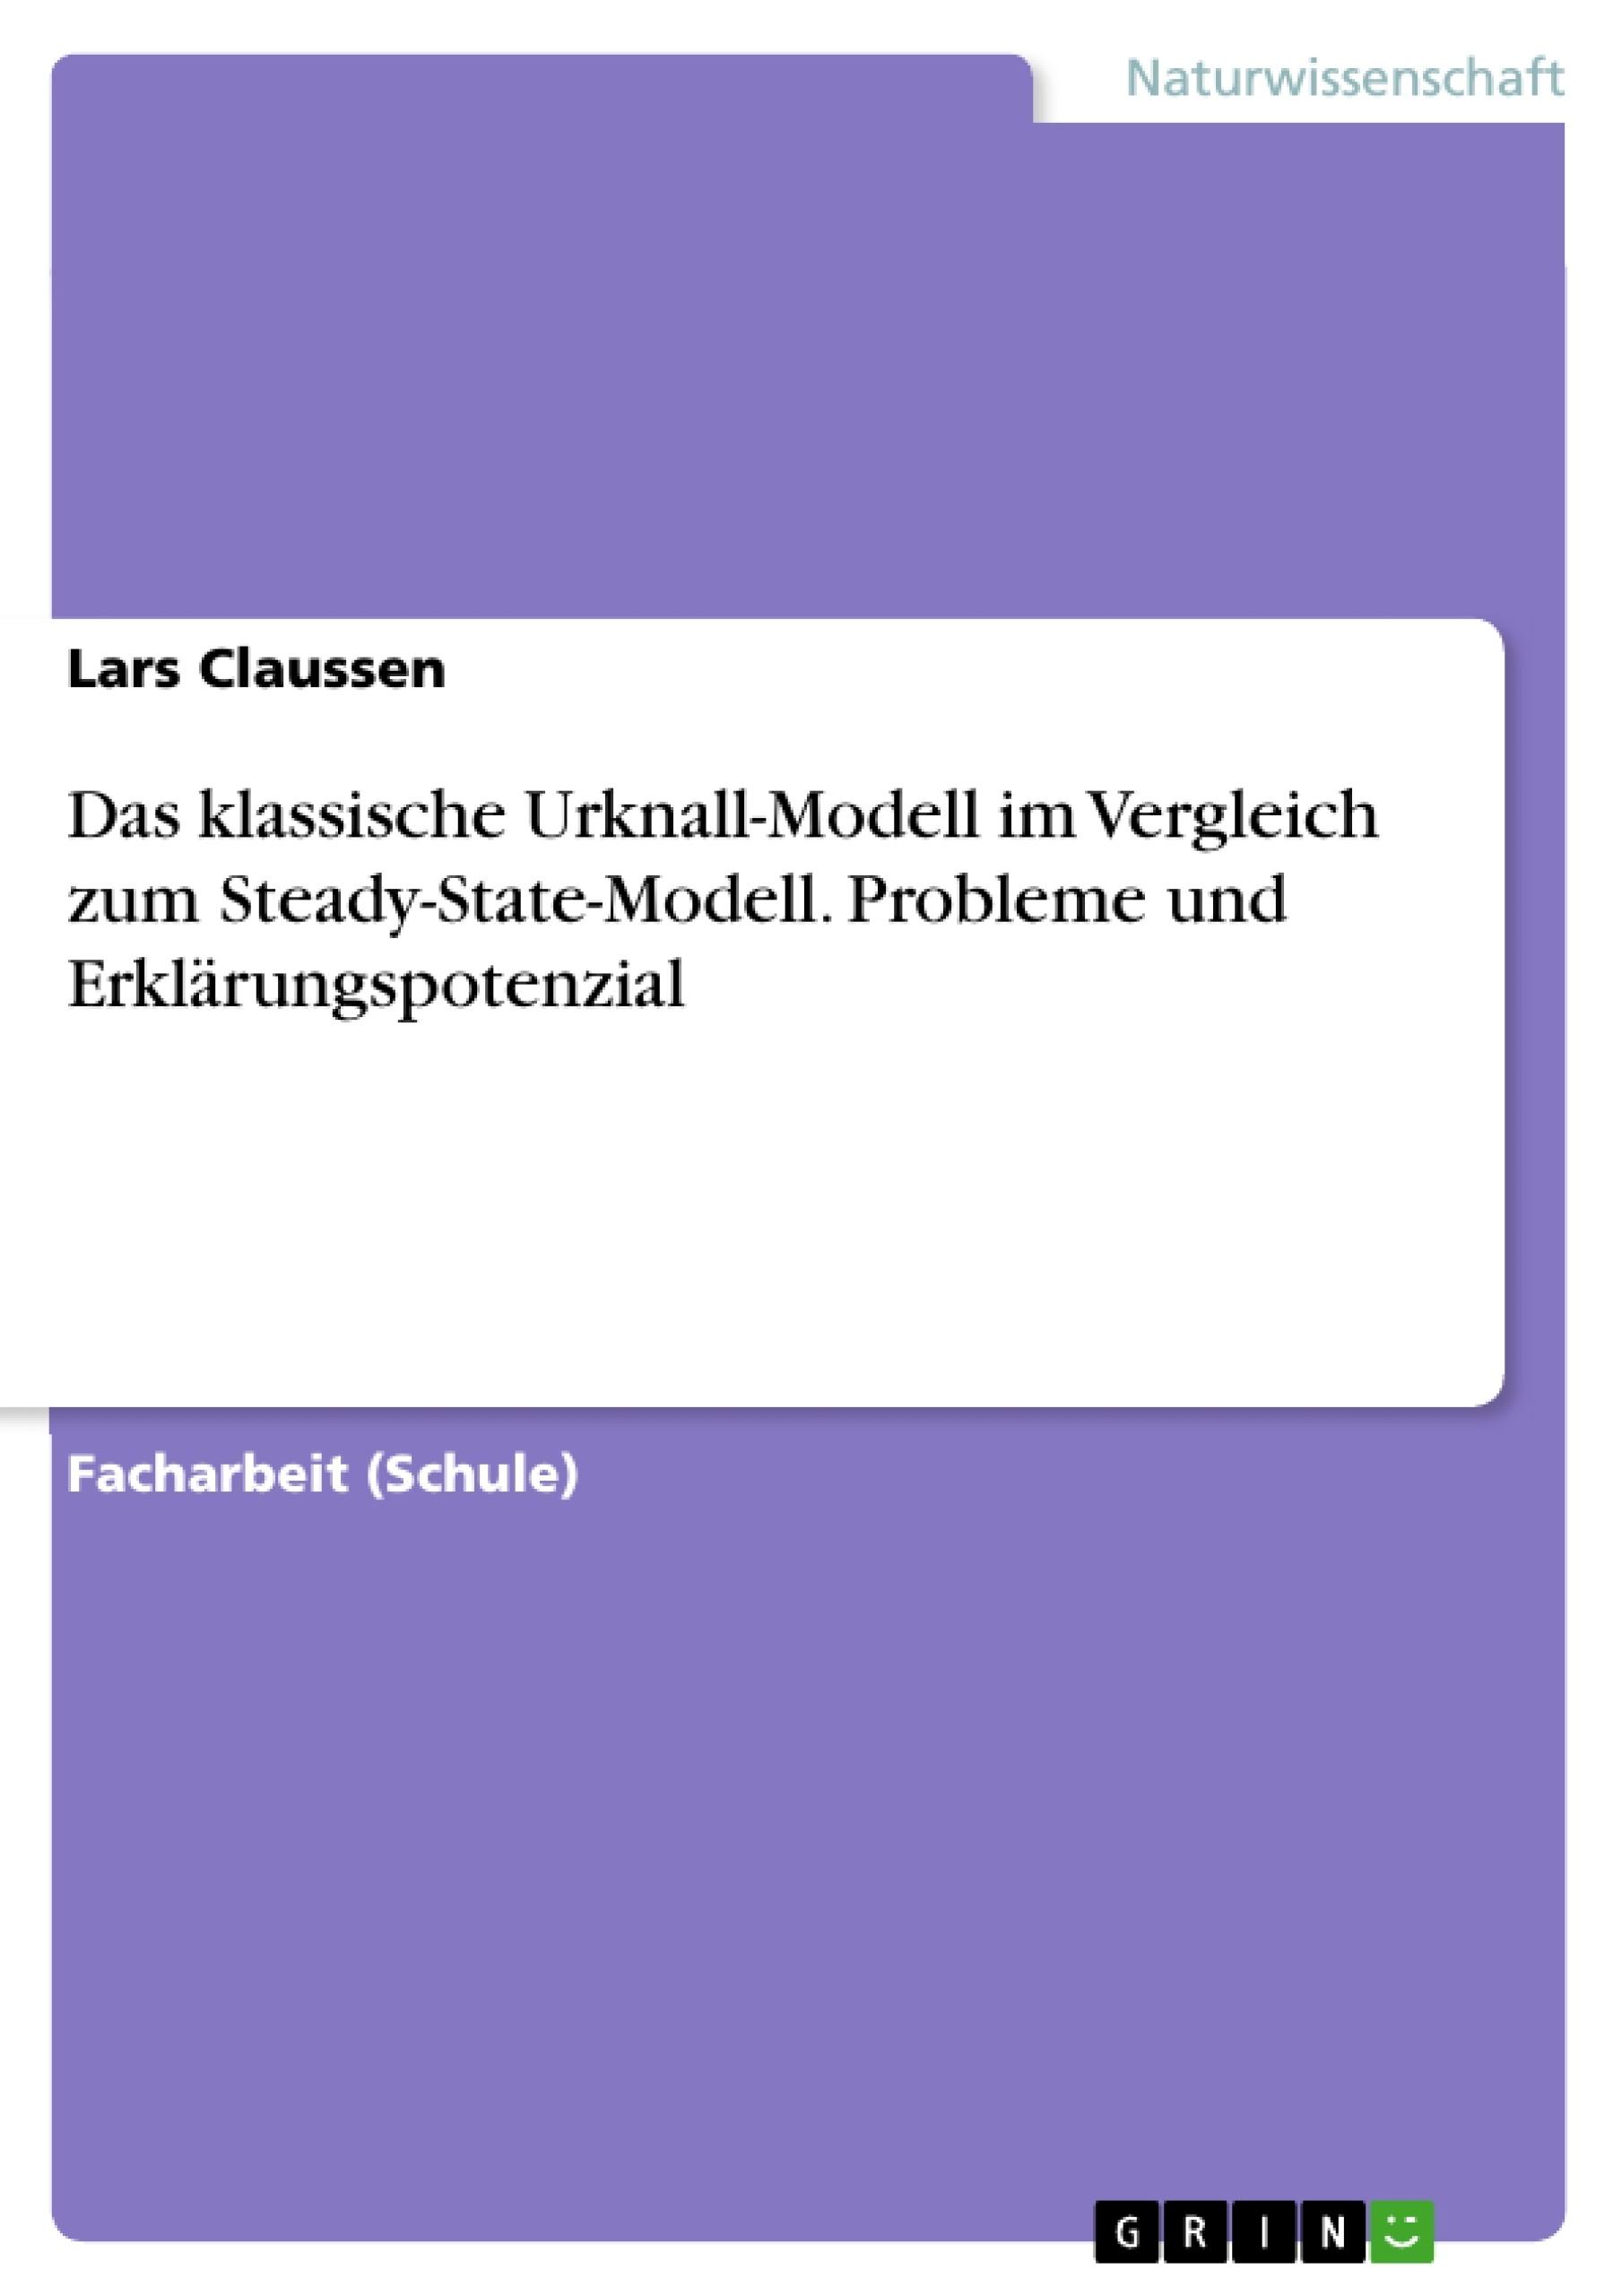 Titel: Das klassische Urknall-Modell im Vergleich zum Steady-State-Modell. Probleme und Erklärungspotenzial